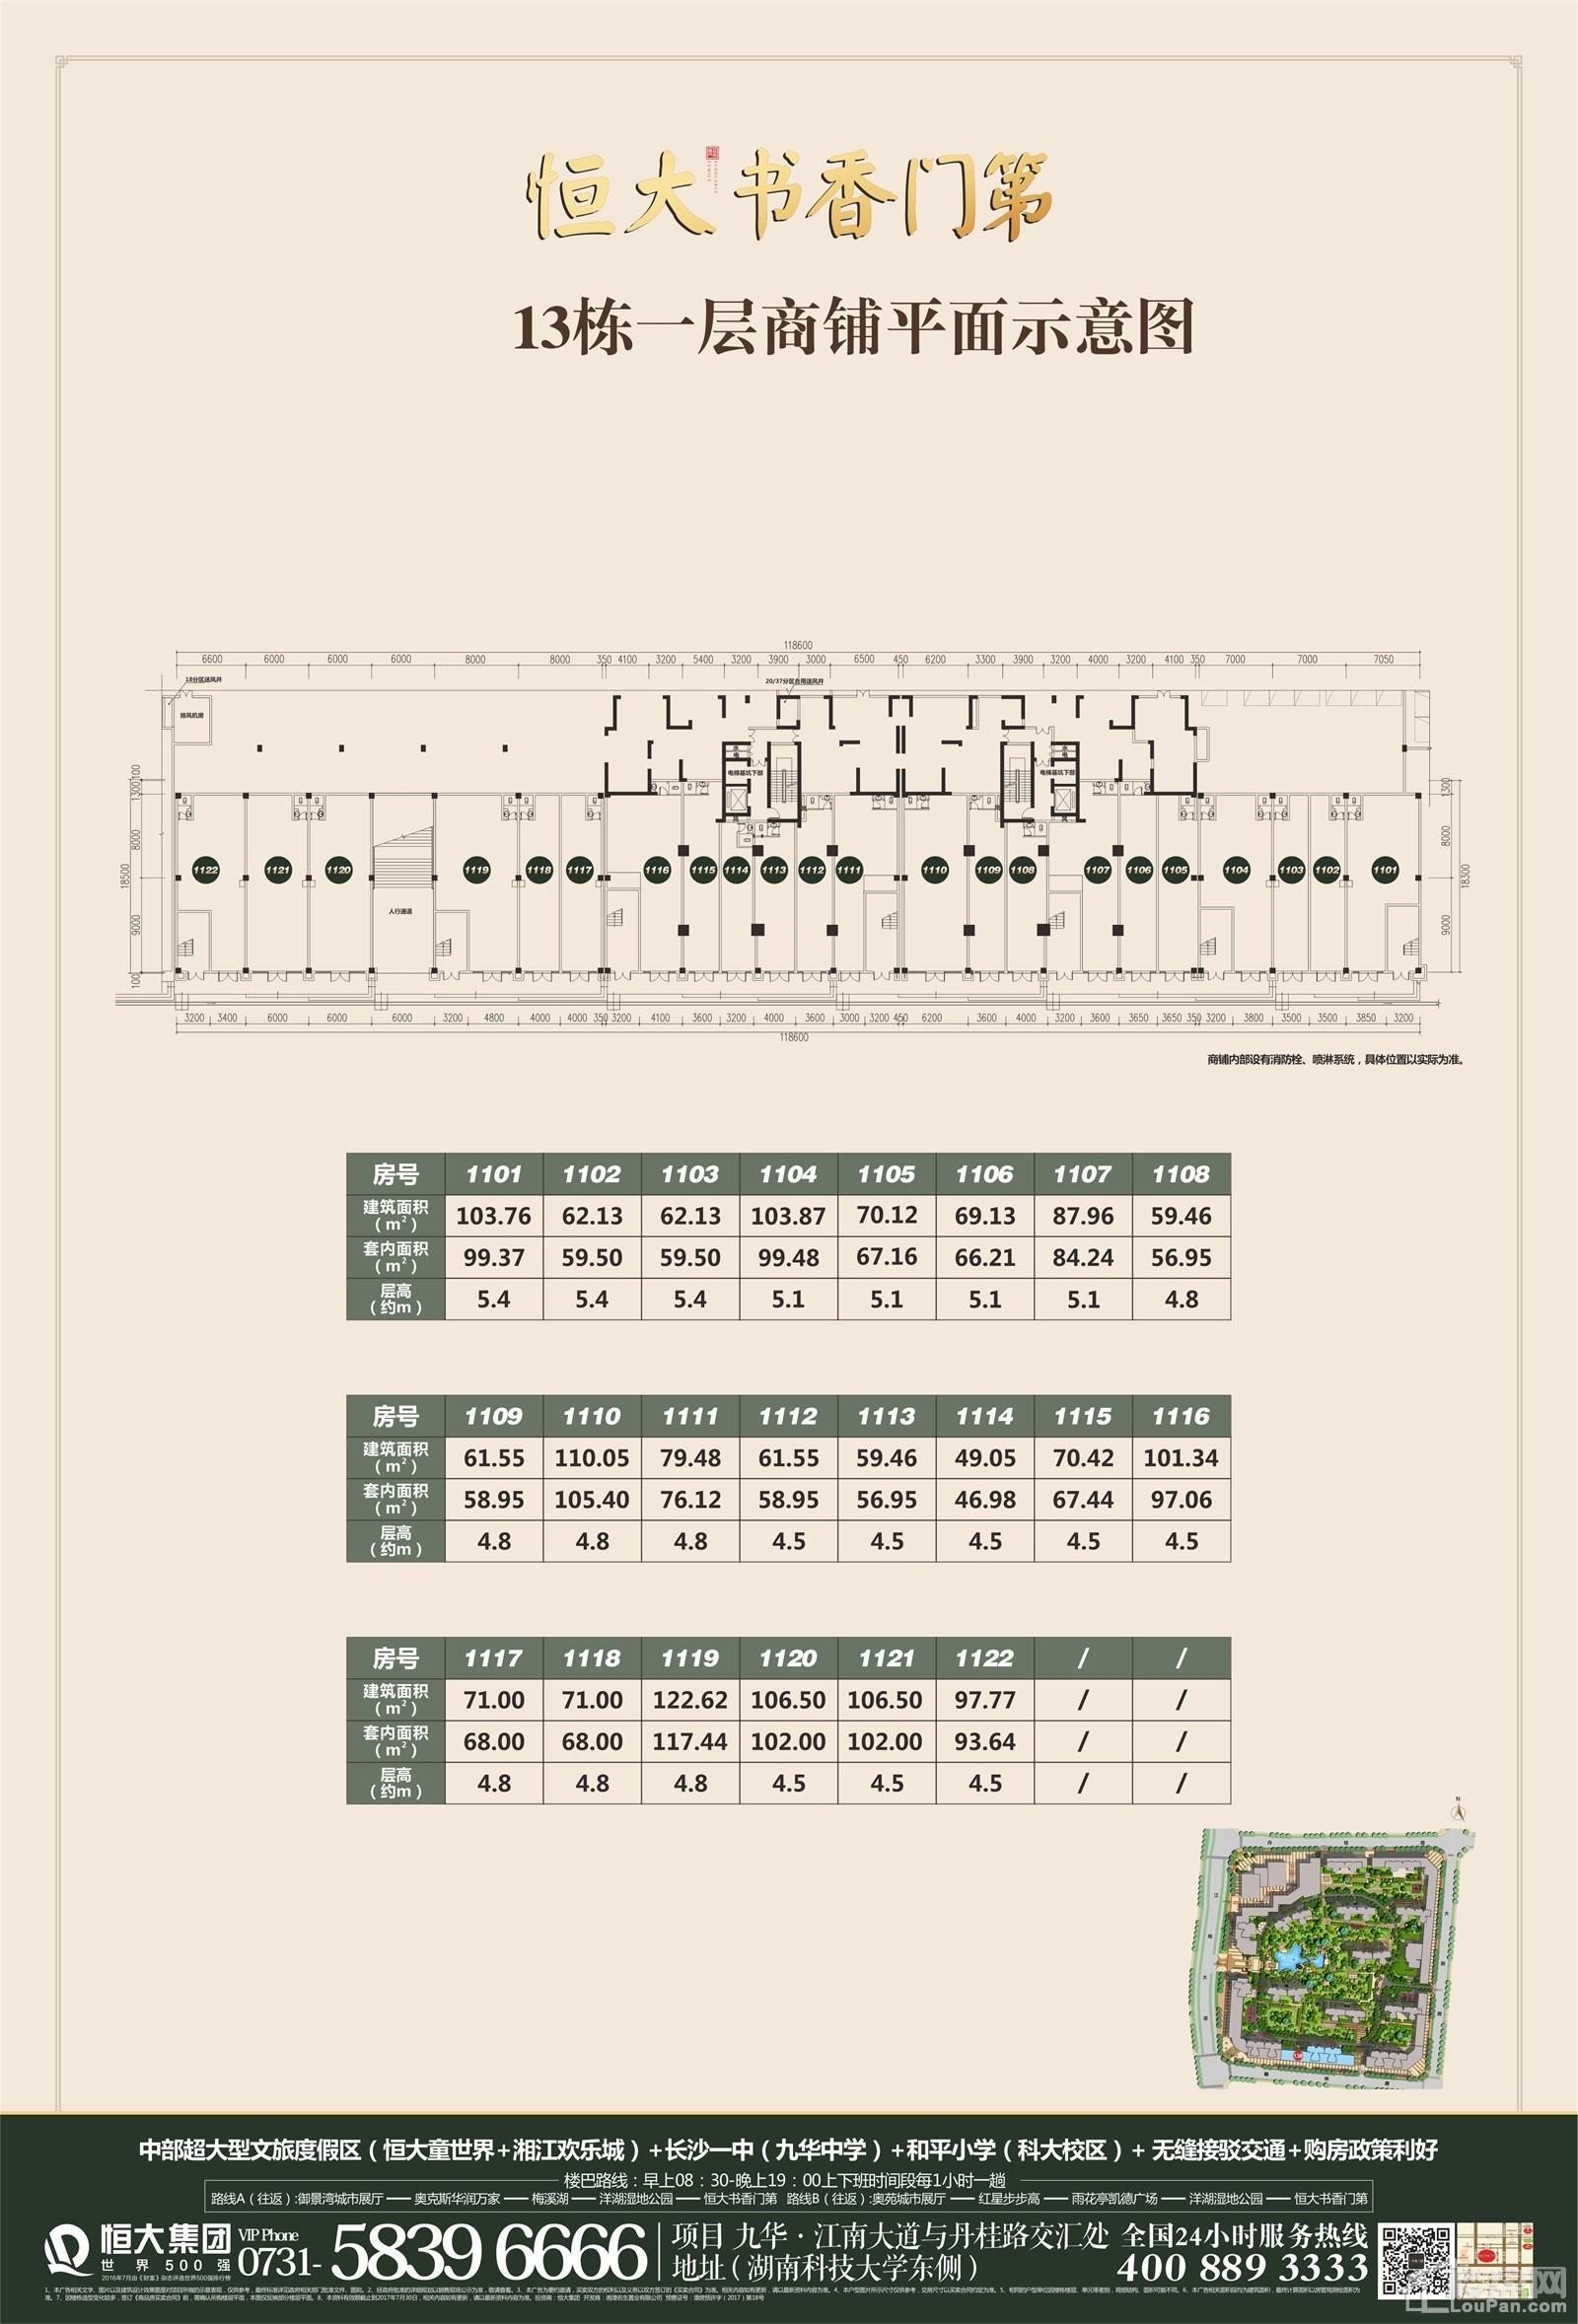 湘潭恒大书香门第13号栋商铺户型图